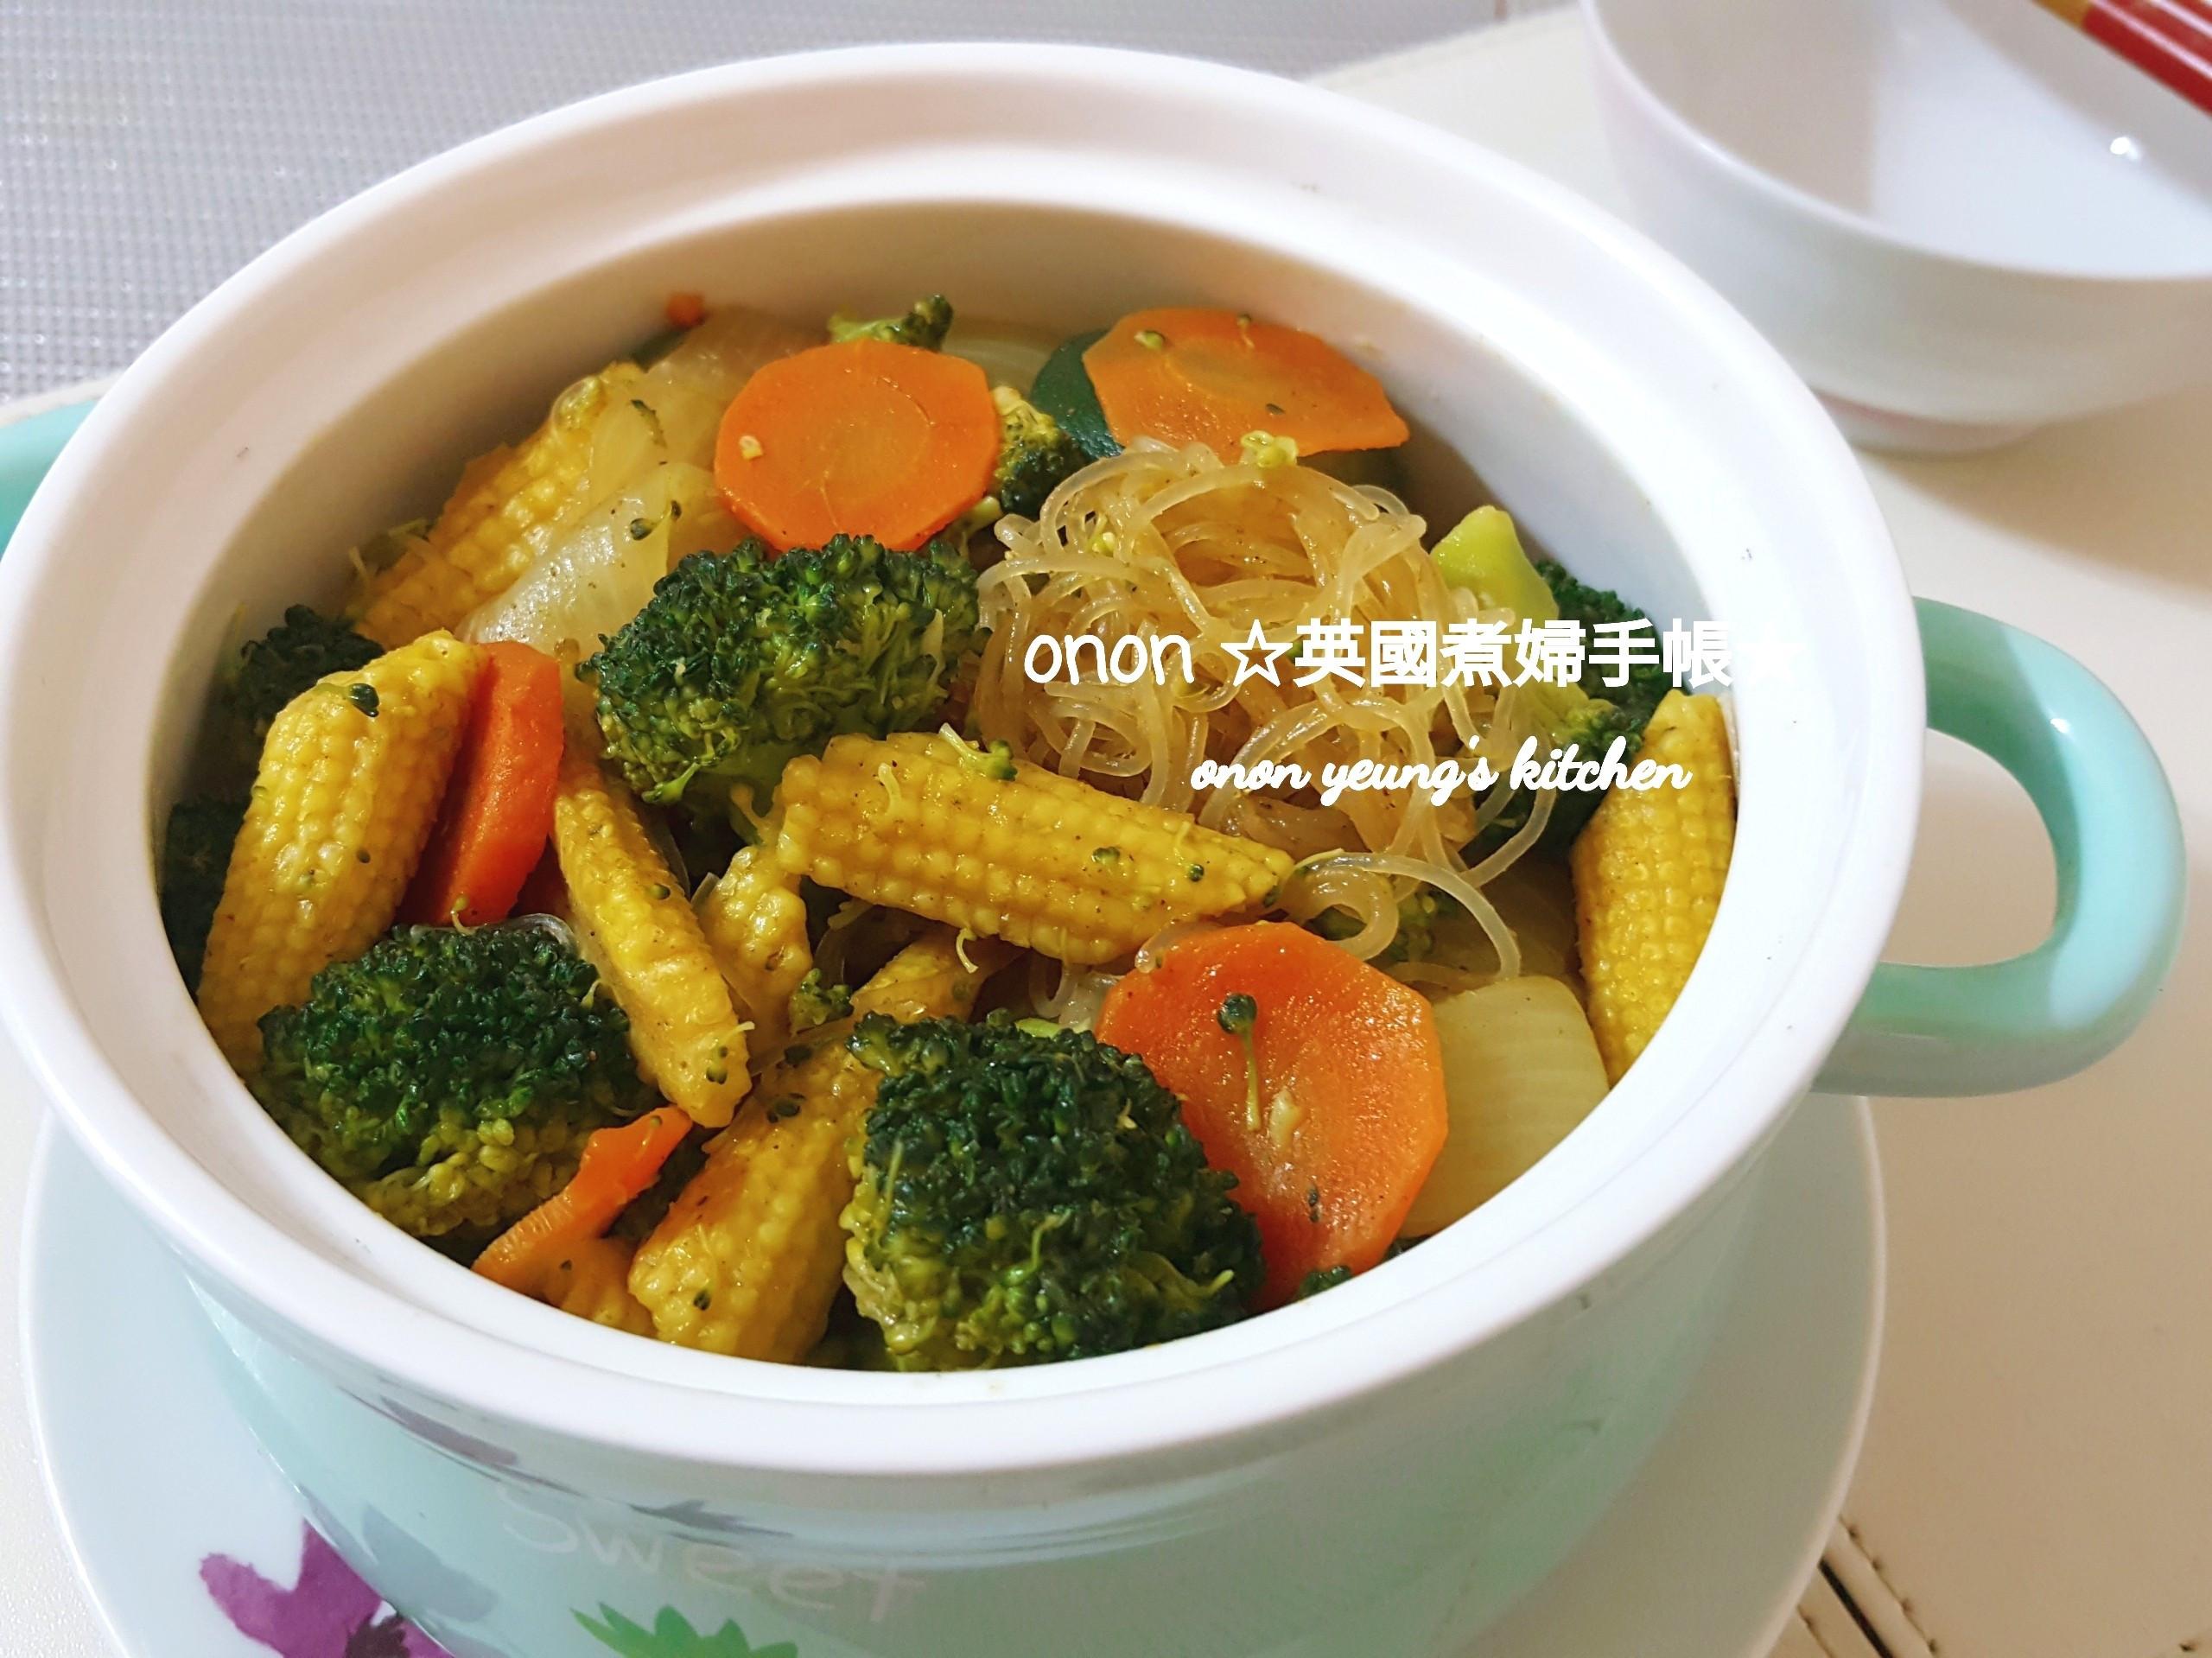 咖喱鮮蔬粉絲/冬粉鍋 一鍋到底◎家常素菜